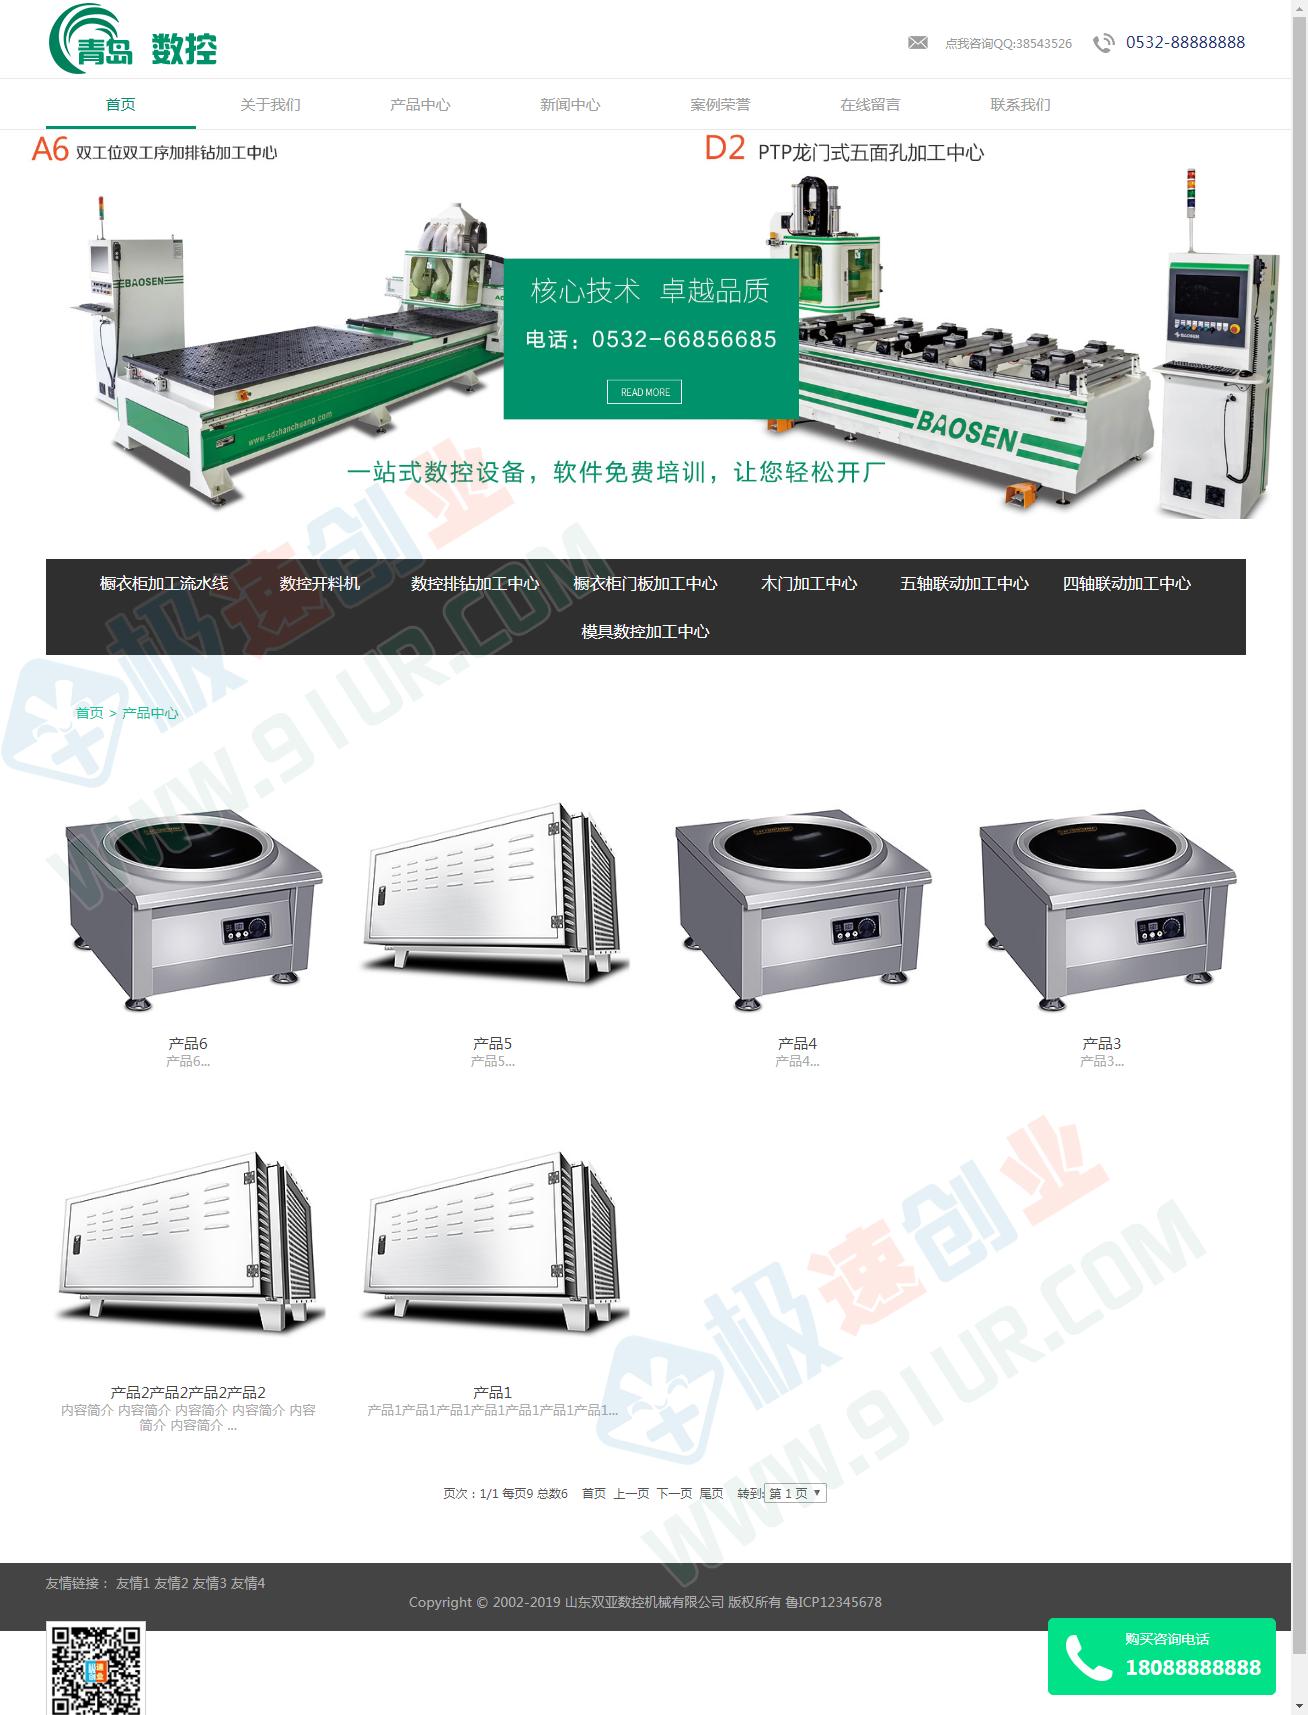 (自适应手机版)数控机械类网站帝国cms模板 HTML5机械车床加工网站源码下载-电脑版-产品中心